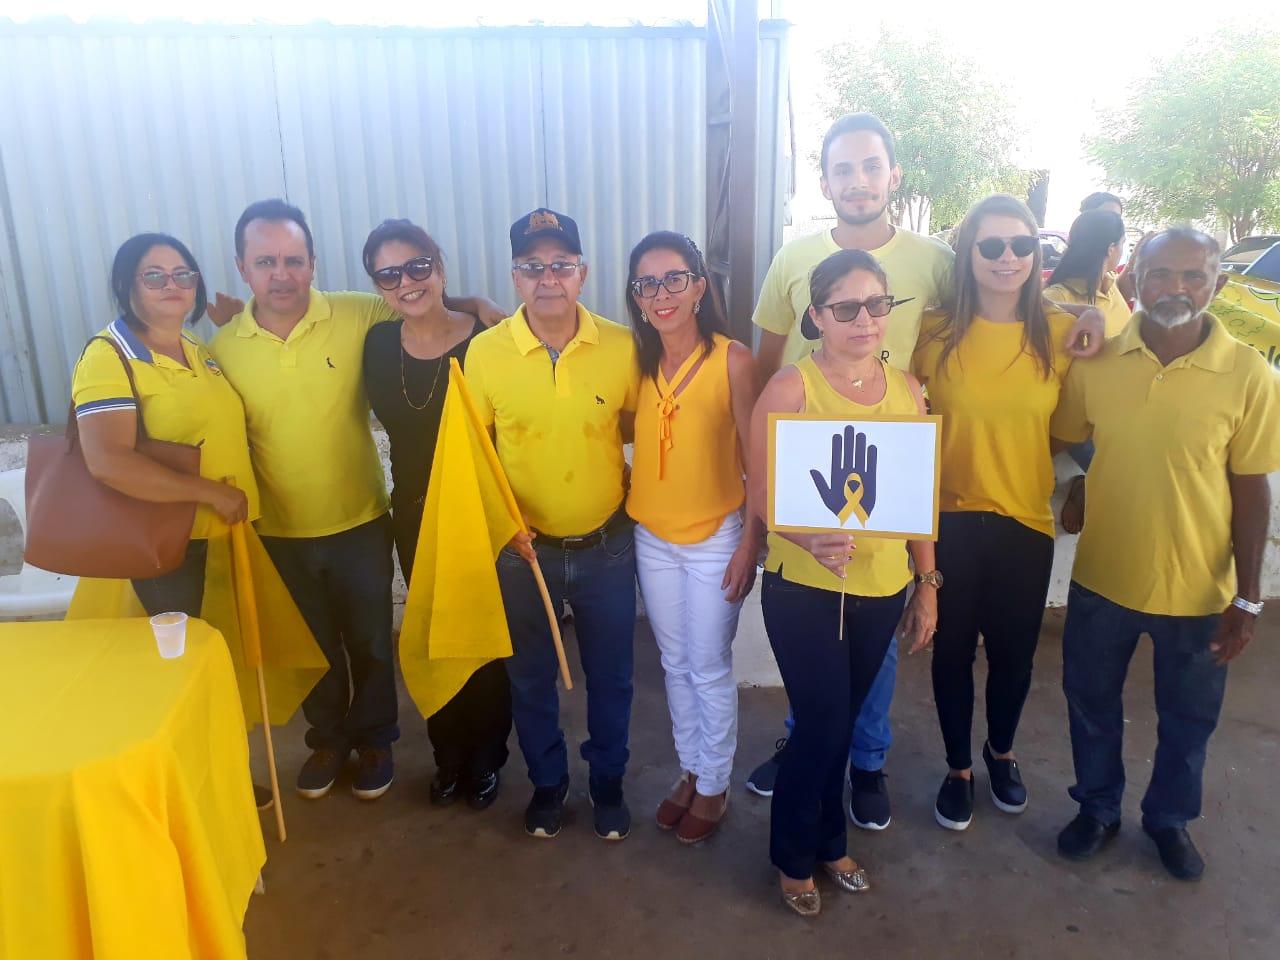 Prefeitura de Barro Duro realiza caminhada pela vida, no Setembro Amarelo - Imagem 20